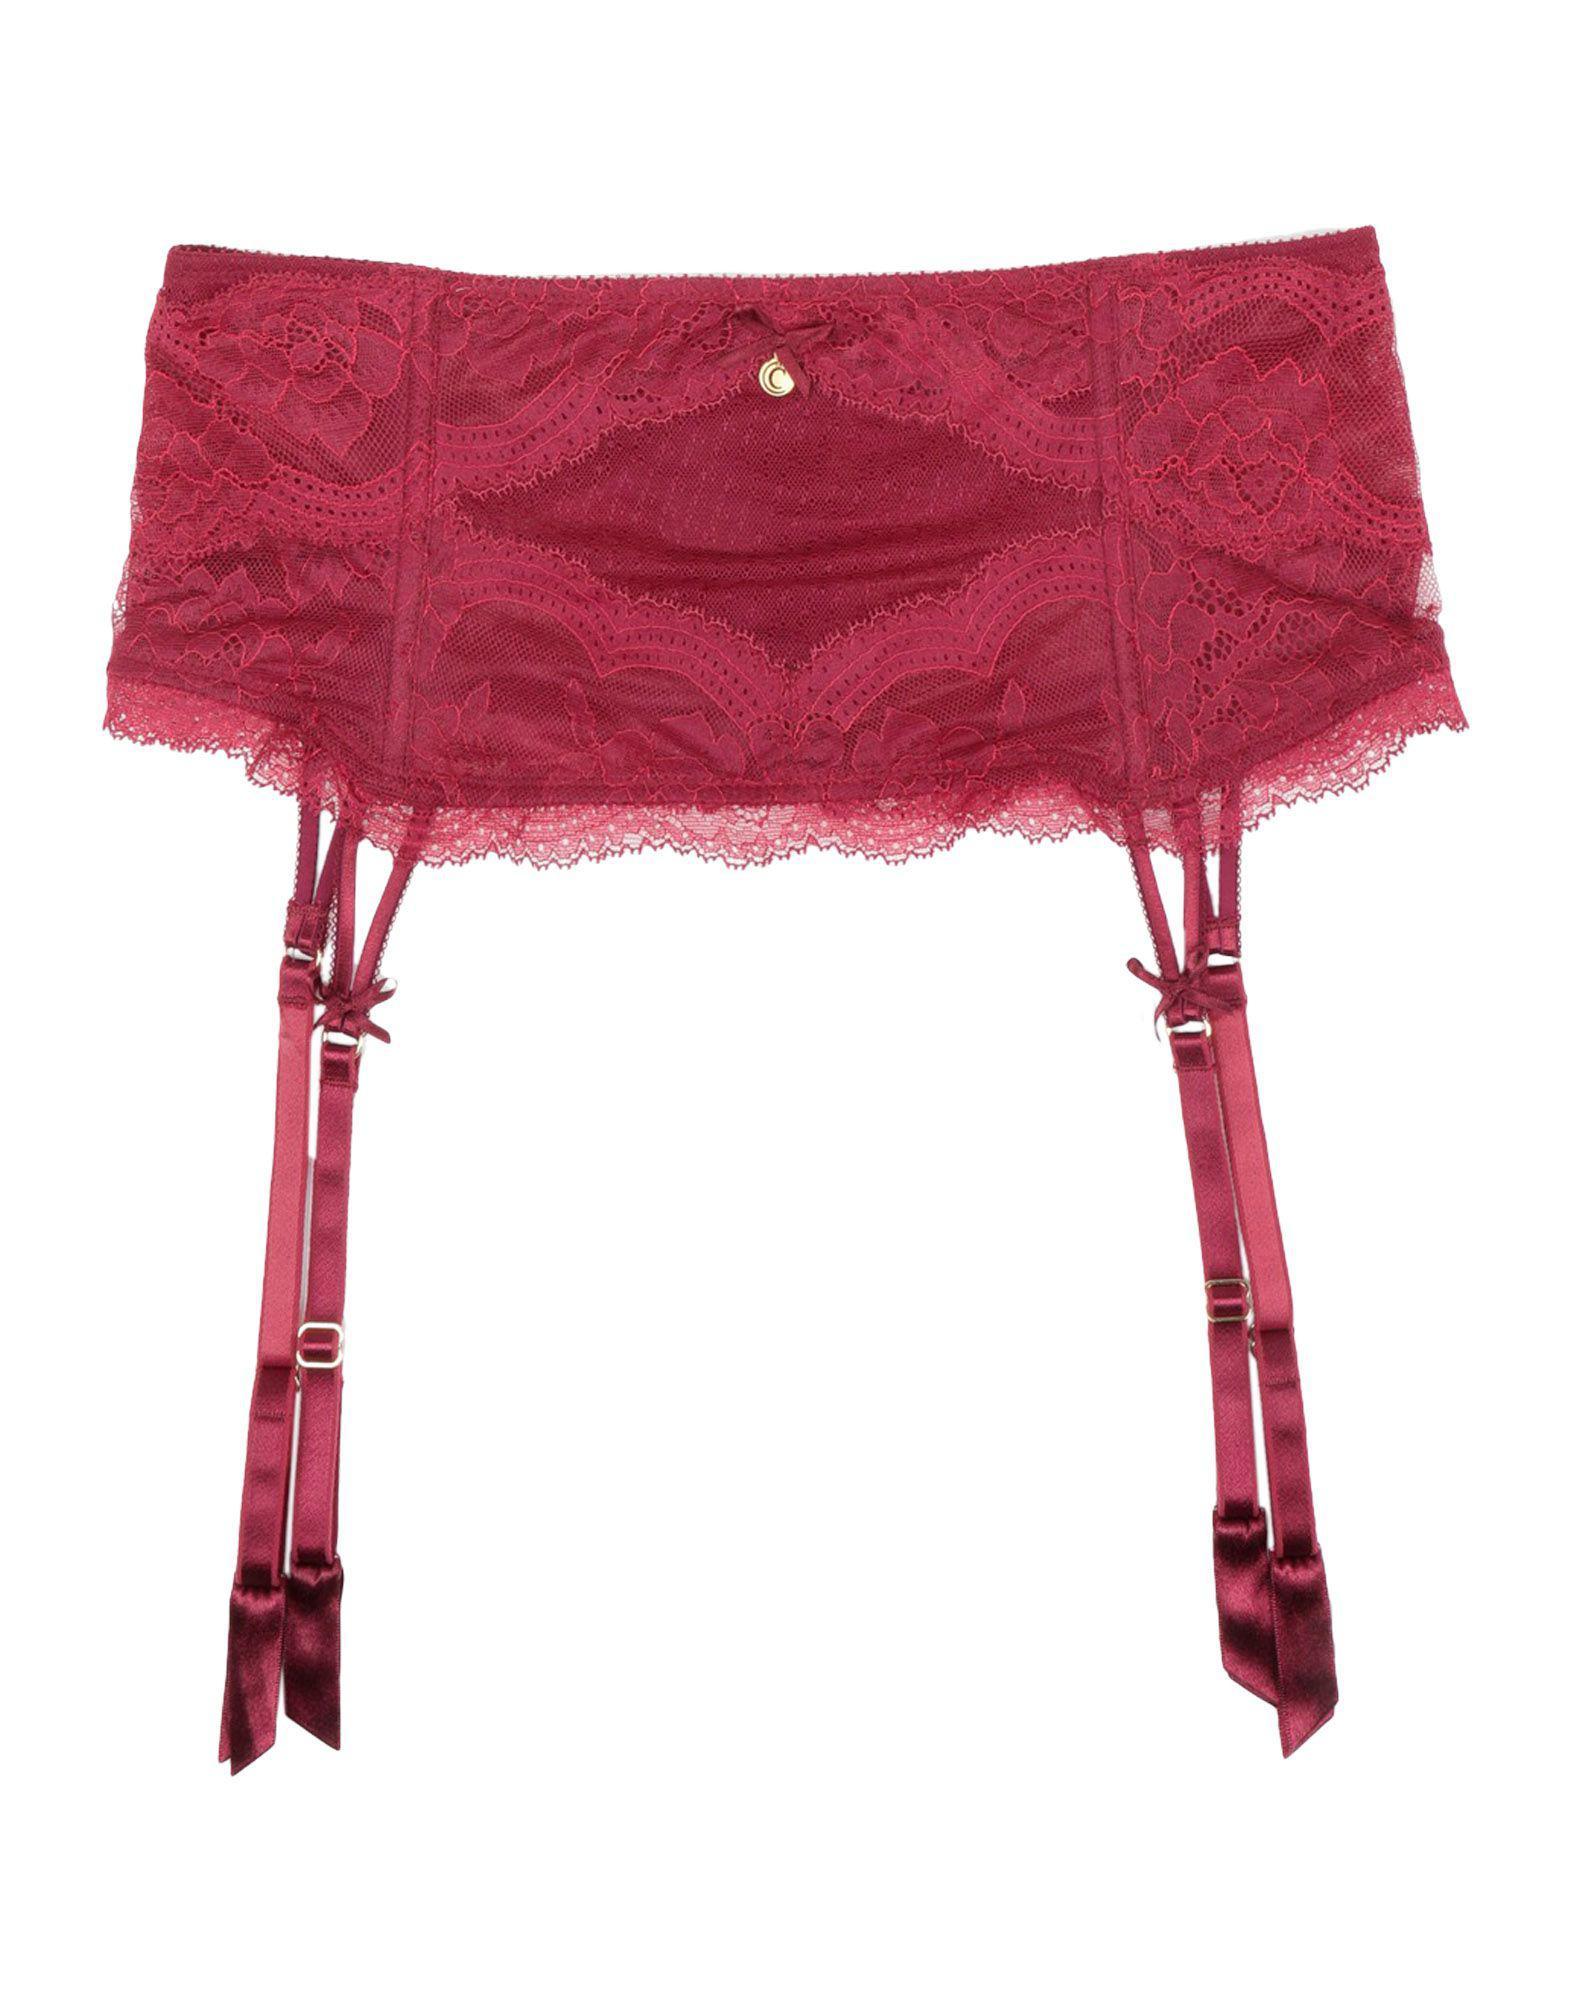 6f039465c59 Lyst - Chantelle Garter Belt in Red